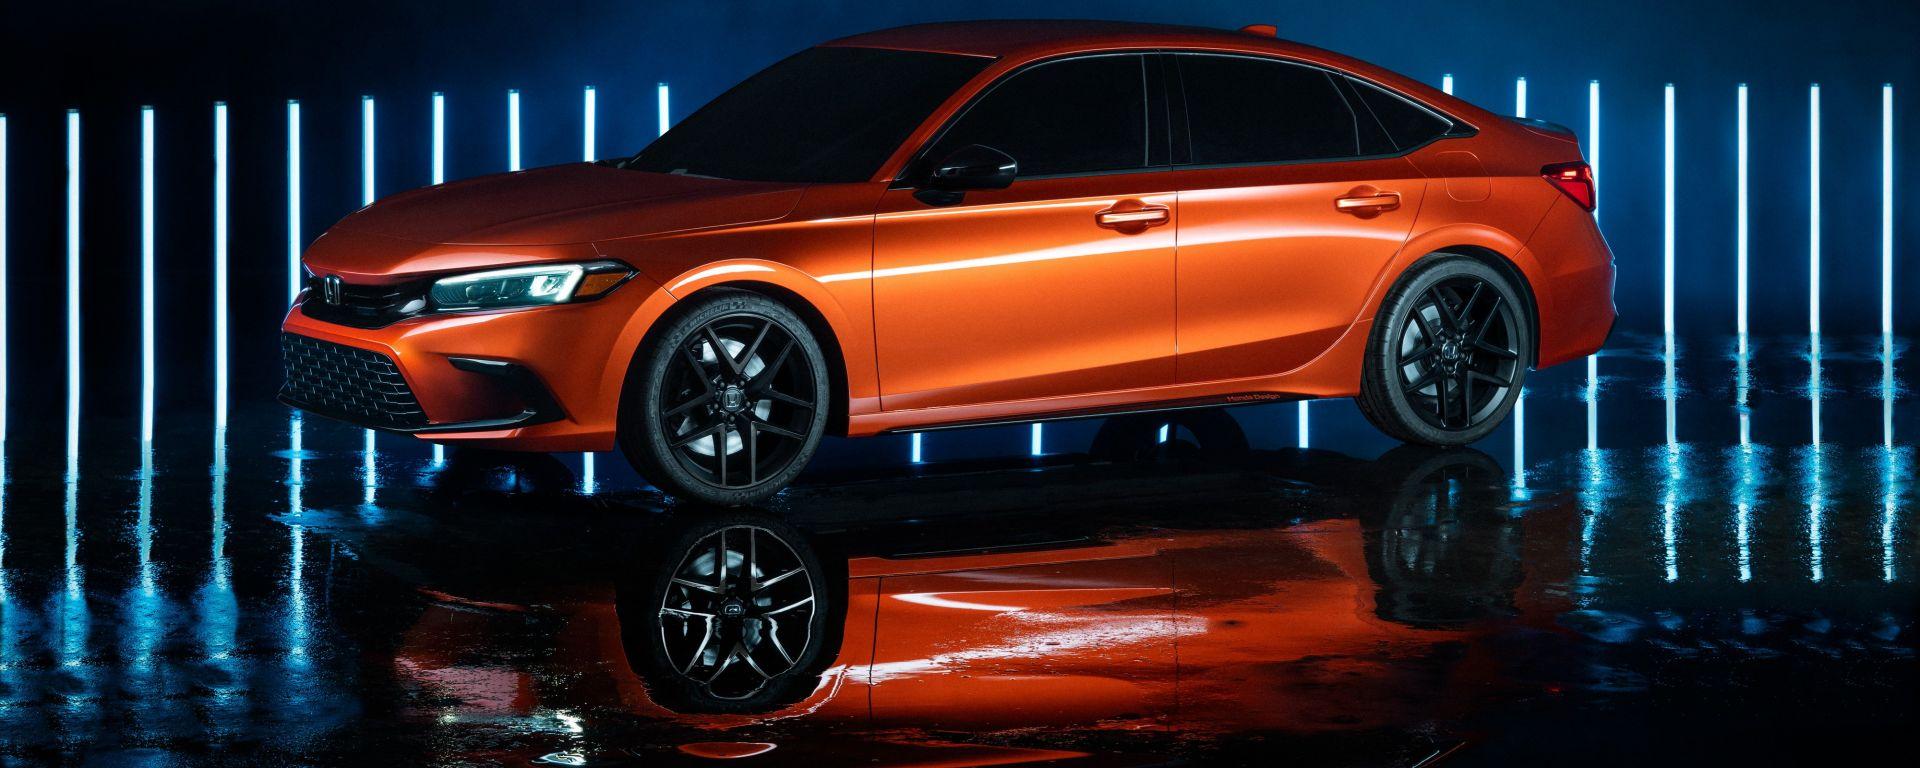 Nuova hondA Civic 2021 prototipo: vista 3/4 anteriore